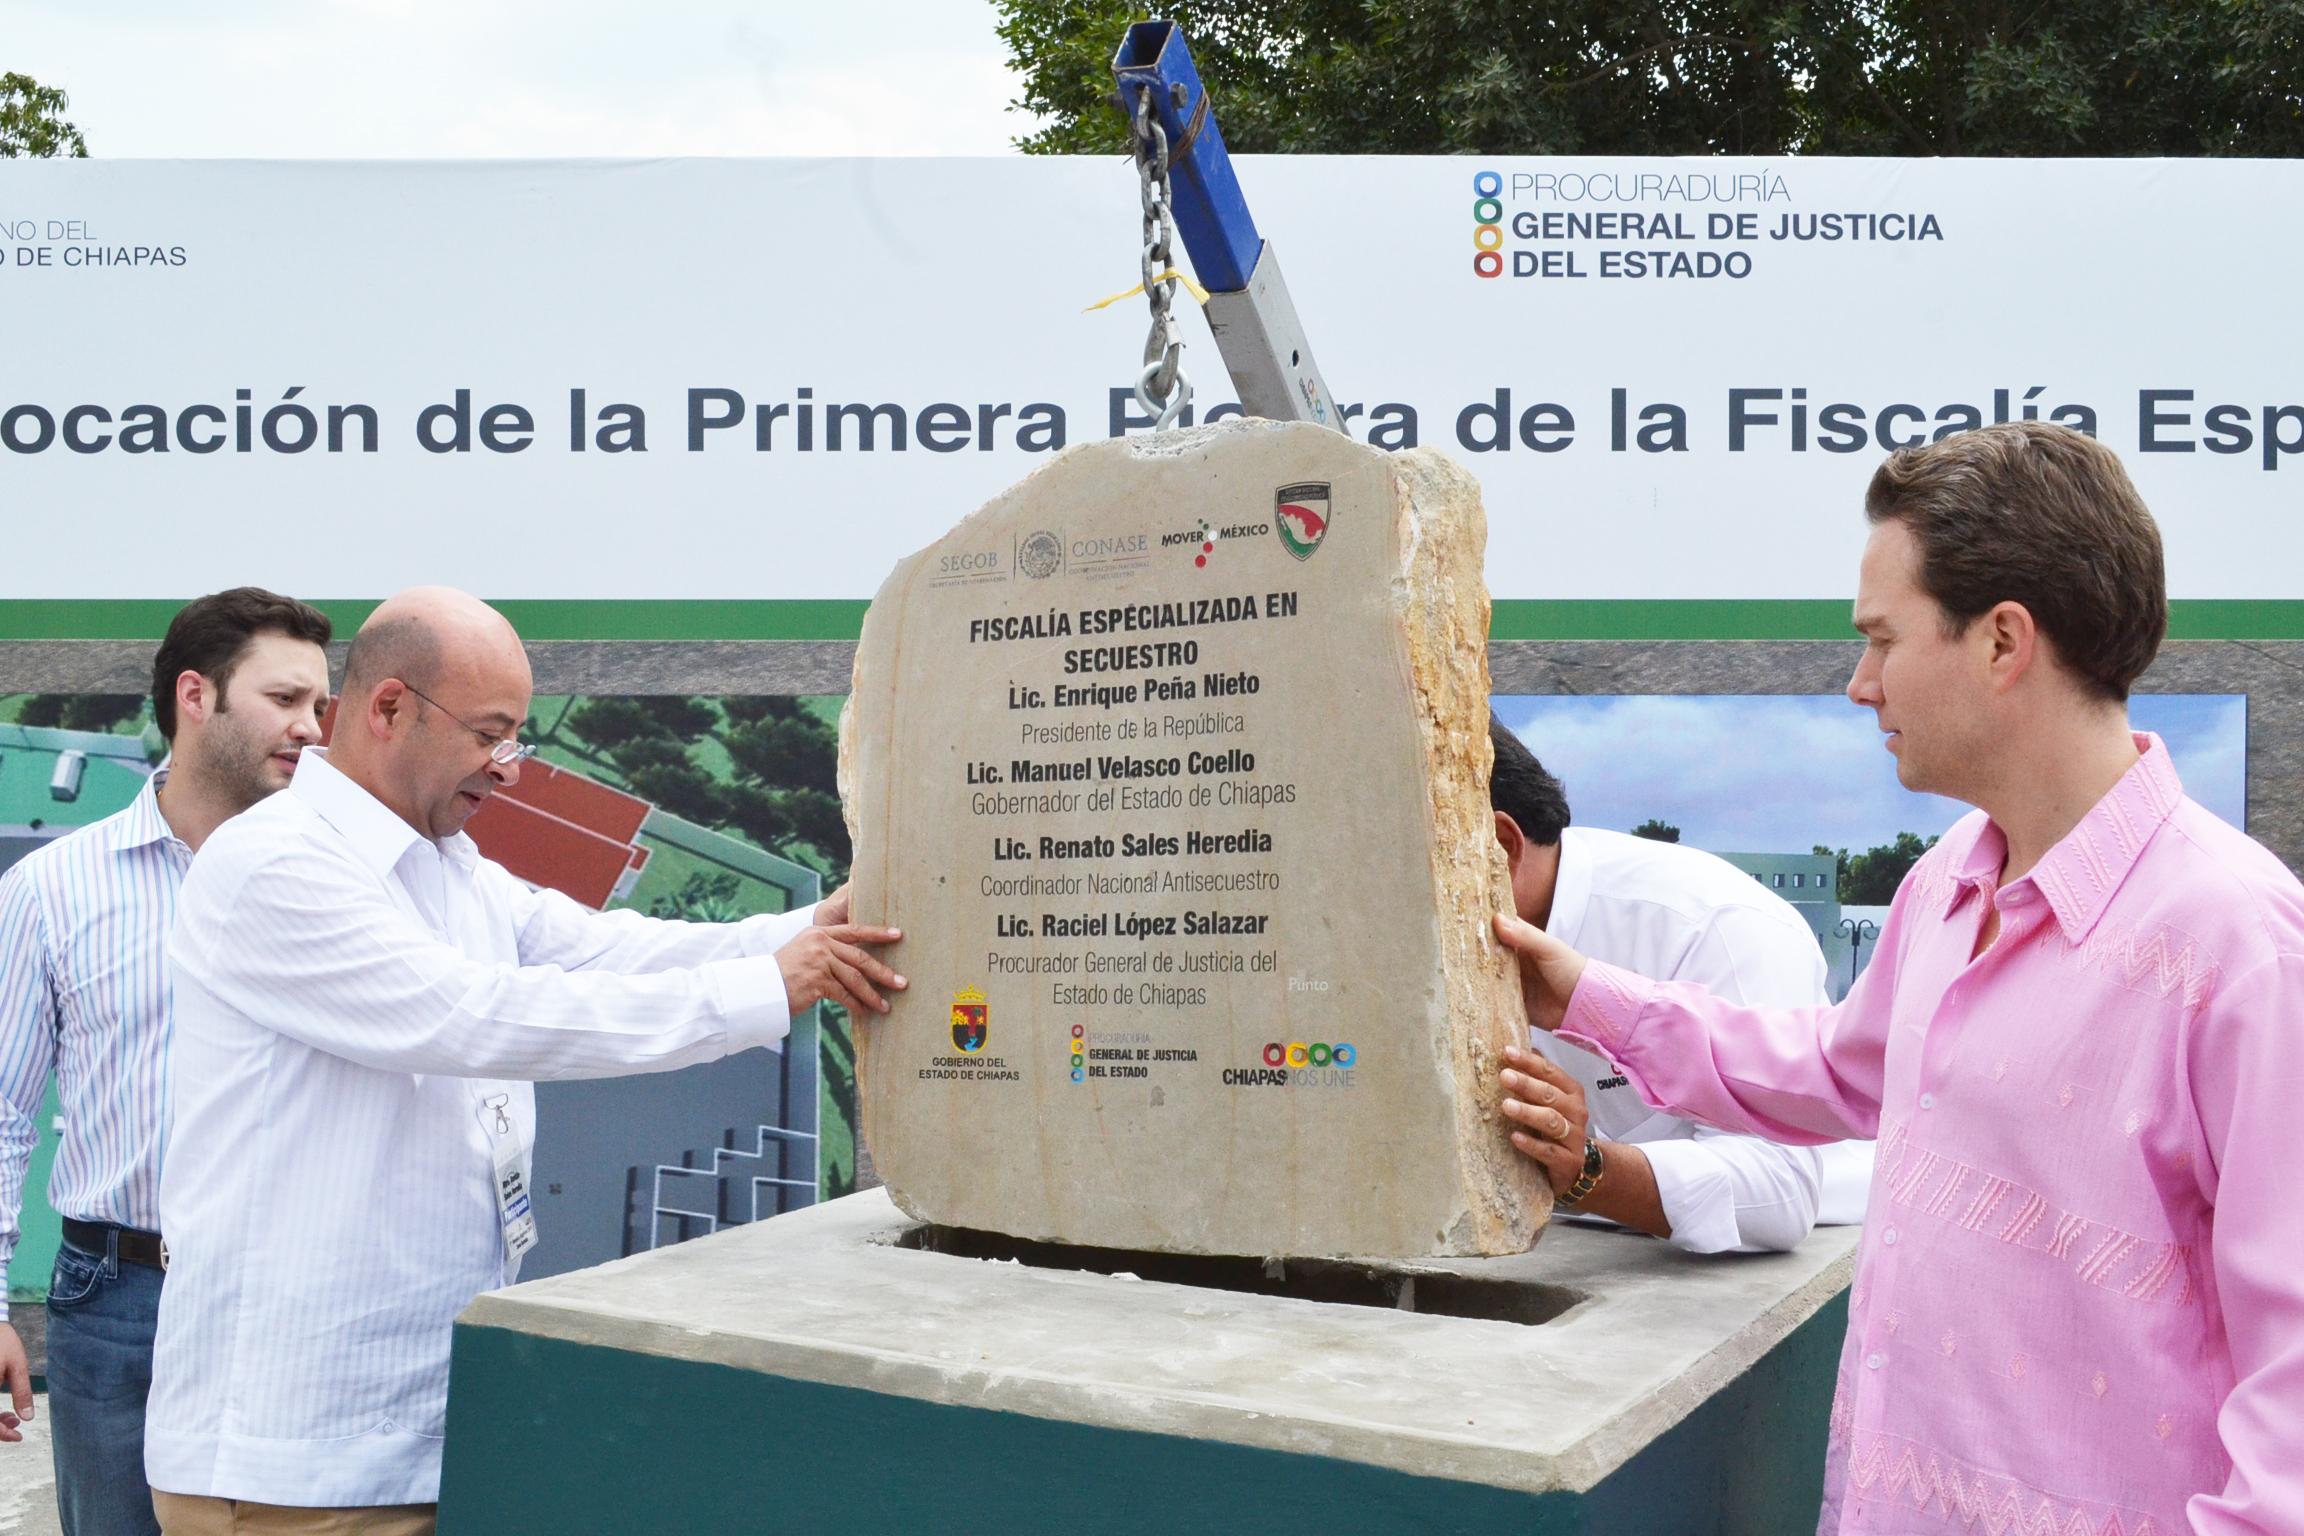 El Coordinador Nacional Antisecuestro, Renato Sales, y el Gobernador de Chiapas, Manuel Velasco, encabezan la colocación de la primera piedra del edificio sede de la Fiscalía Especializada en Secuestro de la PGJE en Tuxtla Gutiérrez